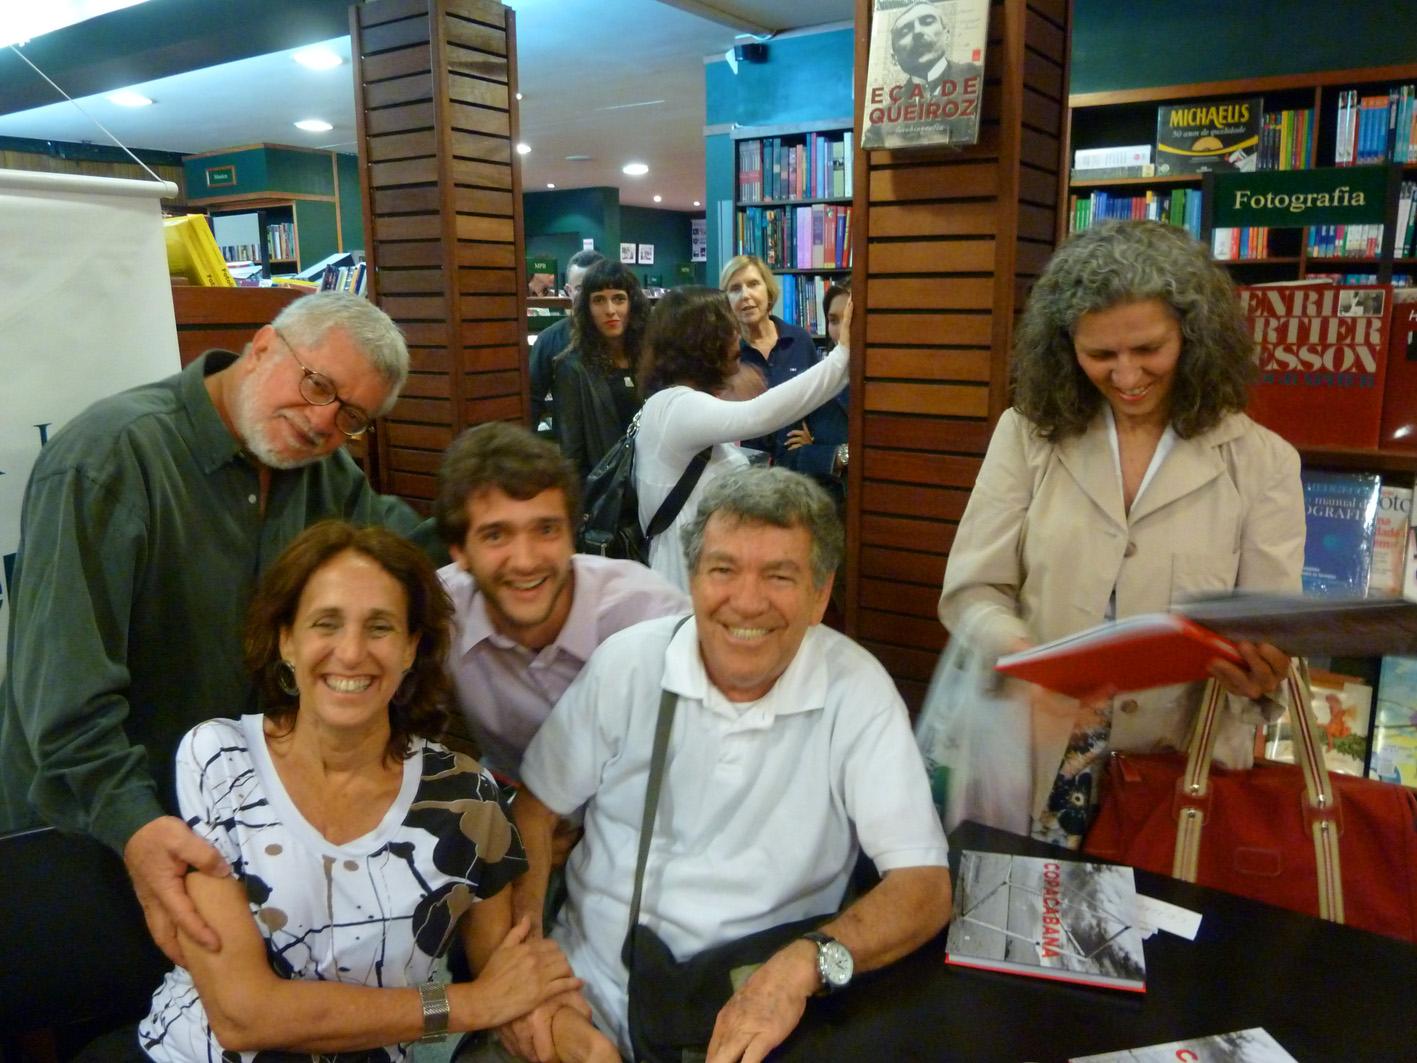 Kitty Paranaguá lota livraria no Leblon com lançamento